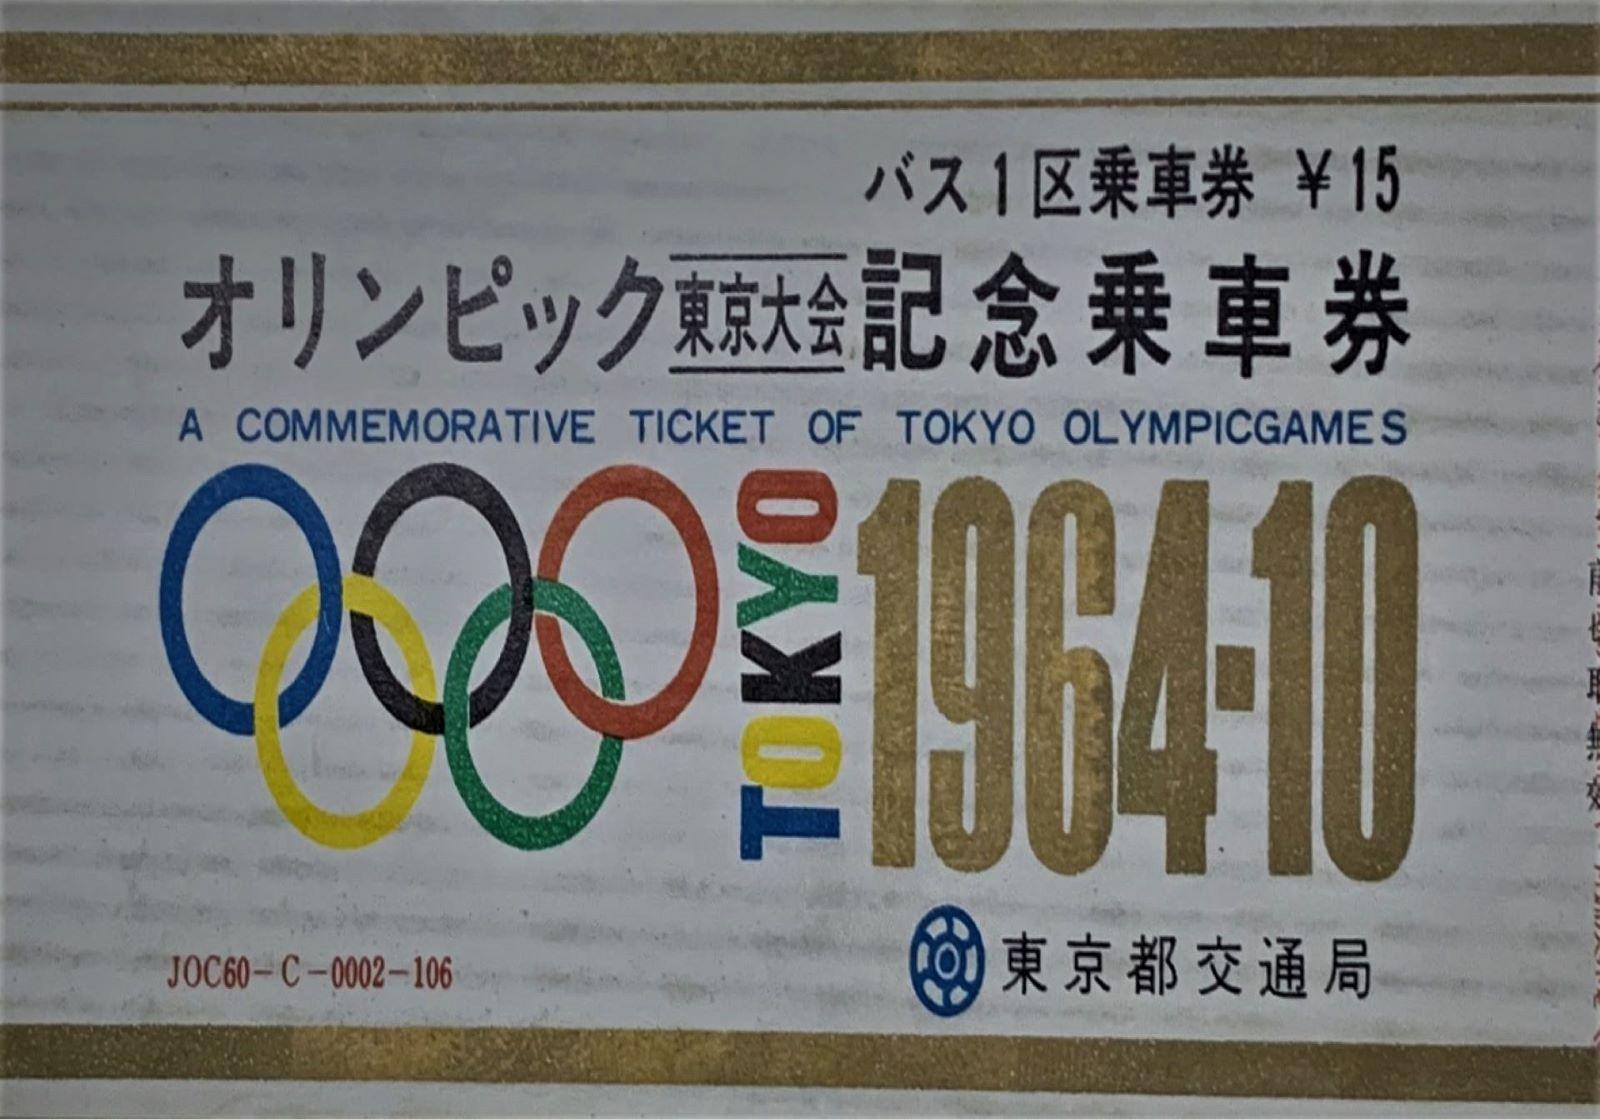 Igrzyska Olimpijskie w Tokio – część 1.